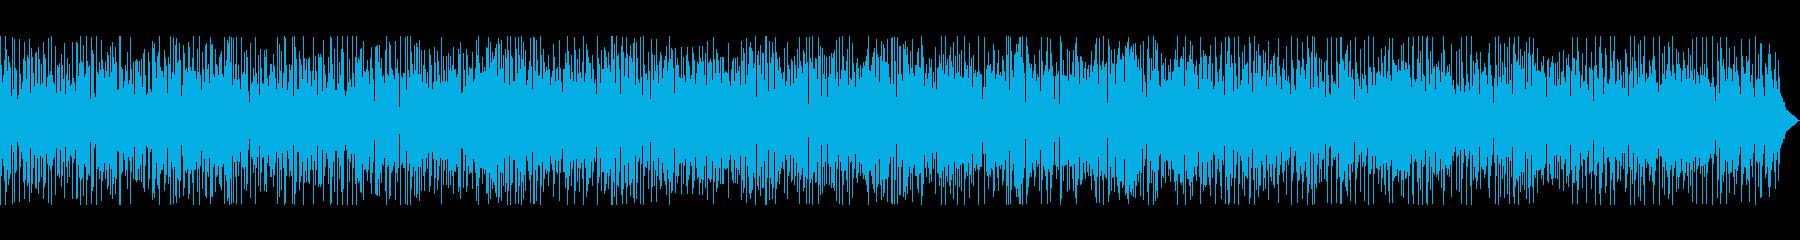 爽やか・夏・バカンス・ビーチ・ボサノバの再生済みの波形